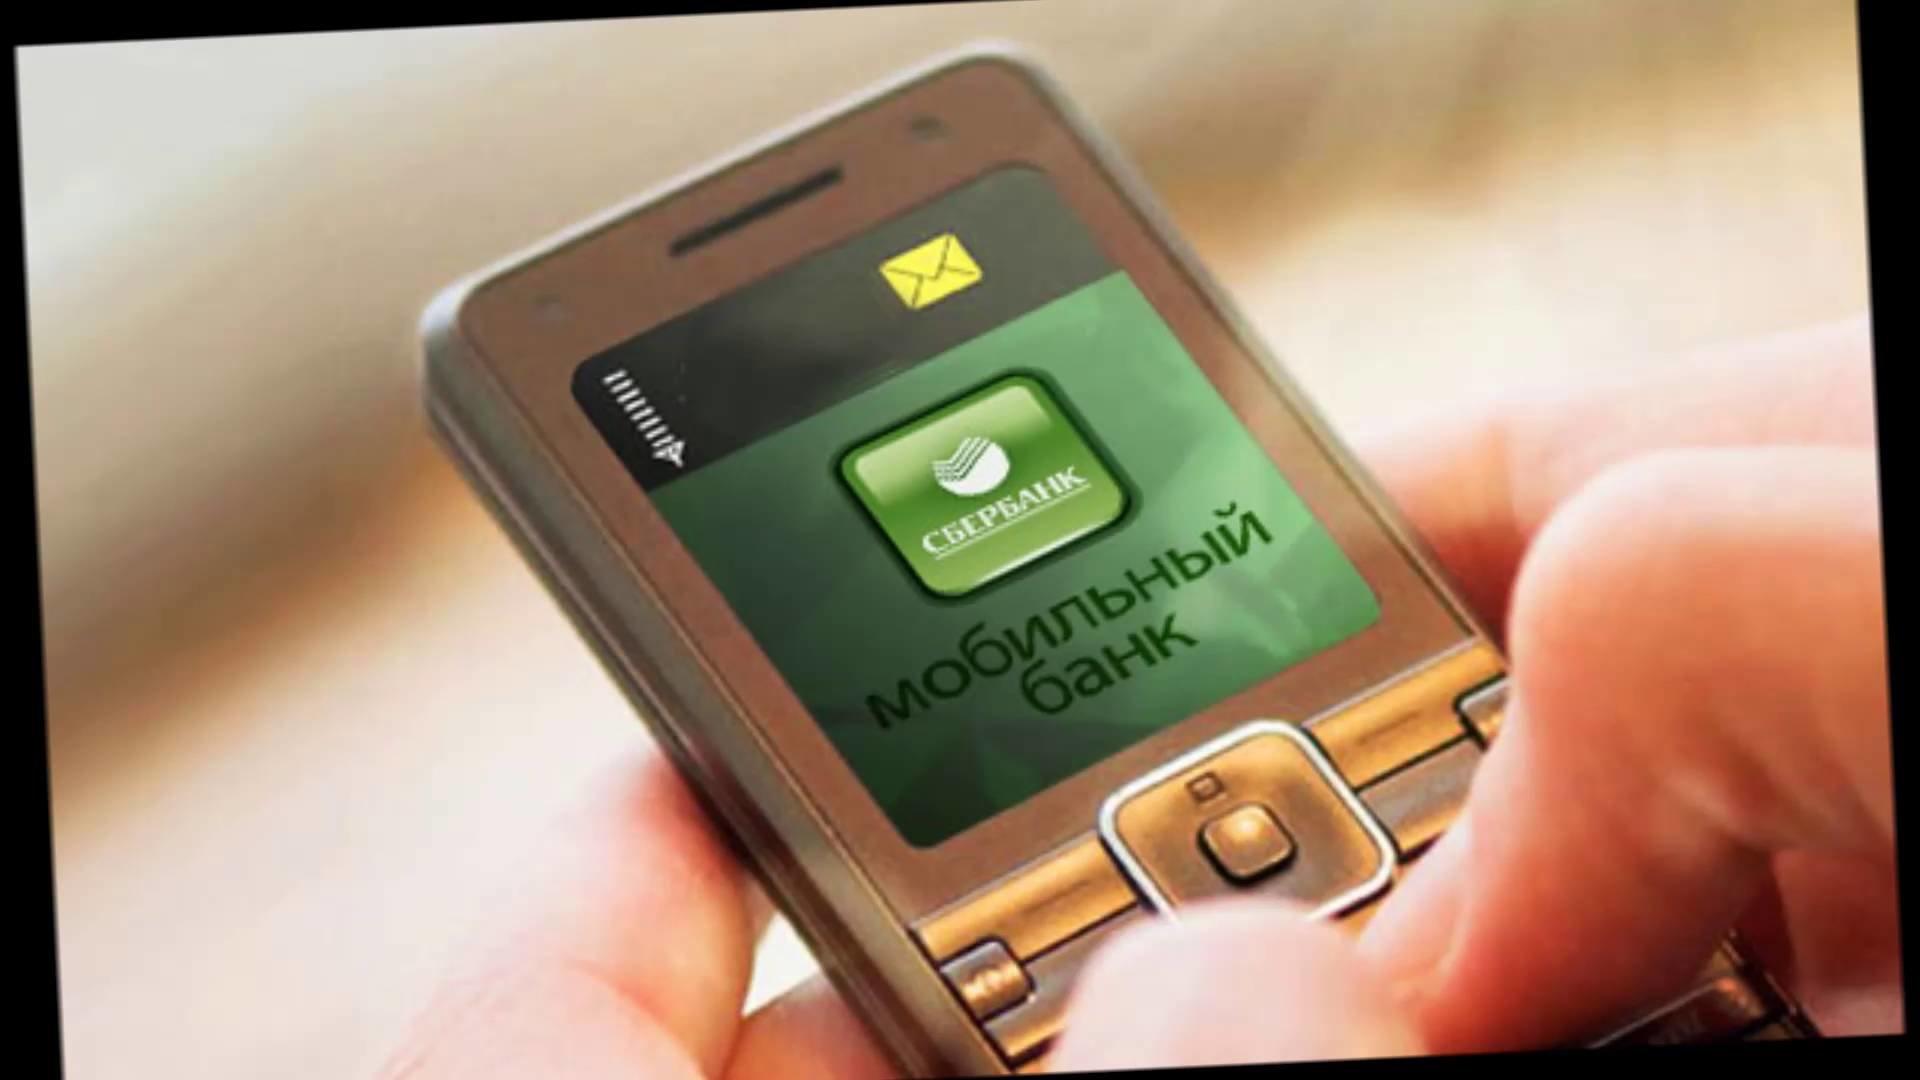 Как установить мобильный банк на телефоне?